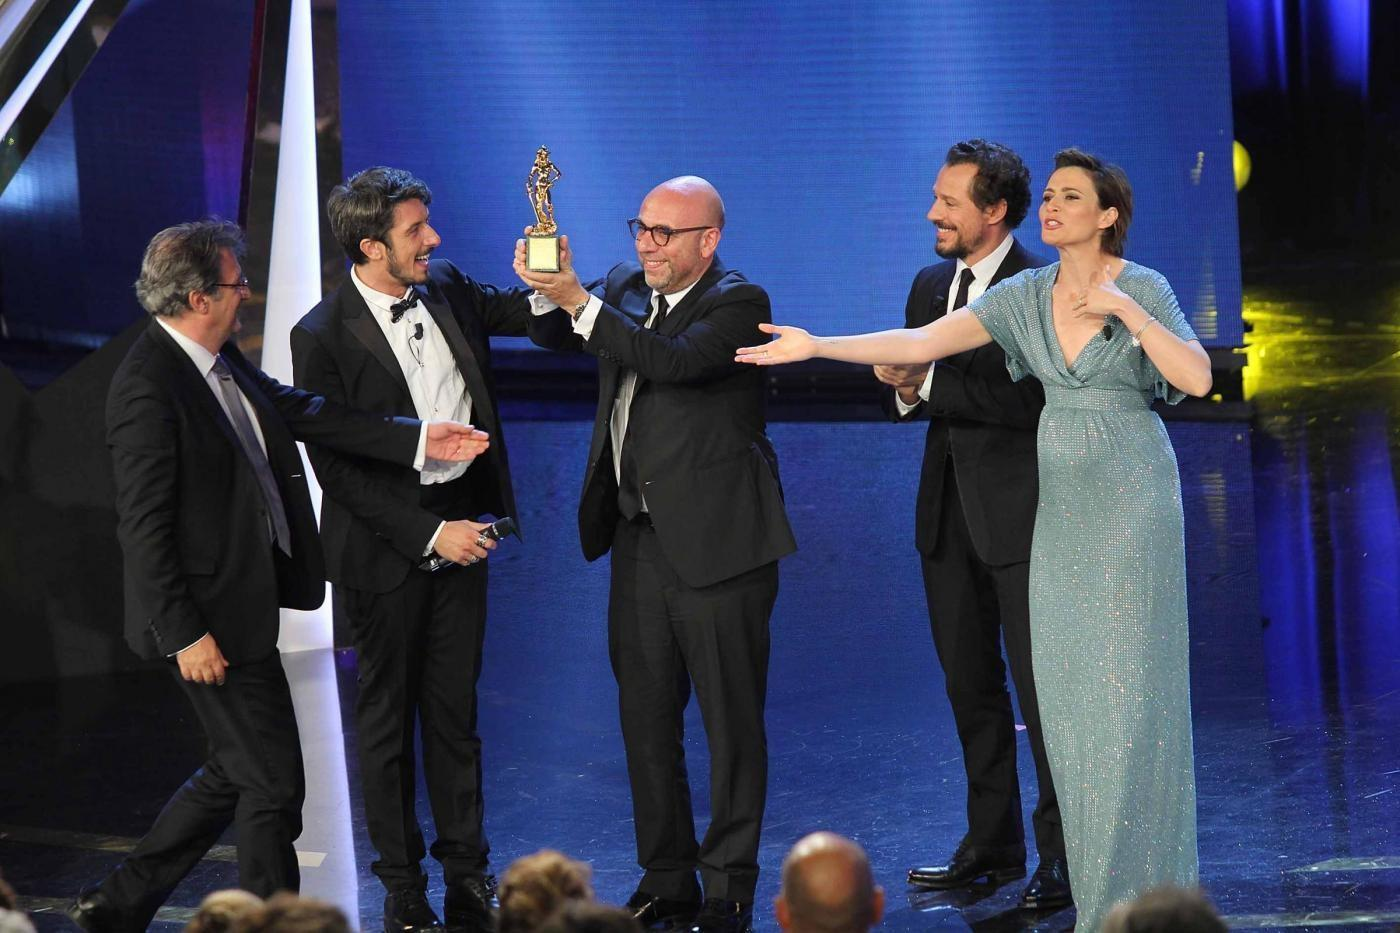 Cerimonia di premiazione dei David di Donatello 2014